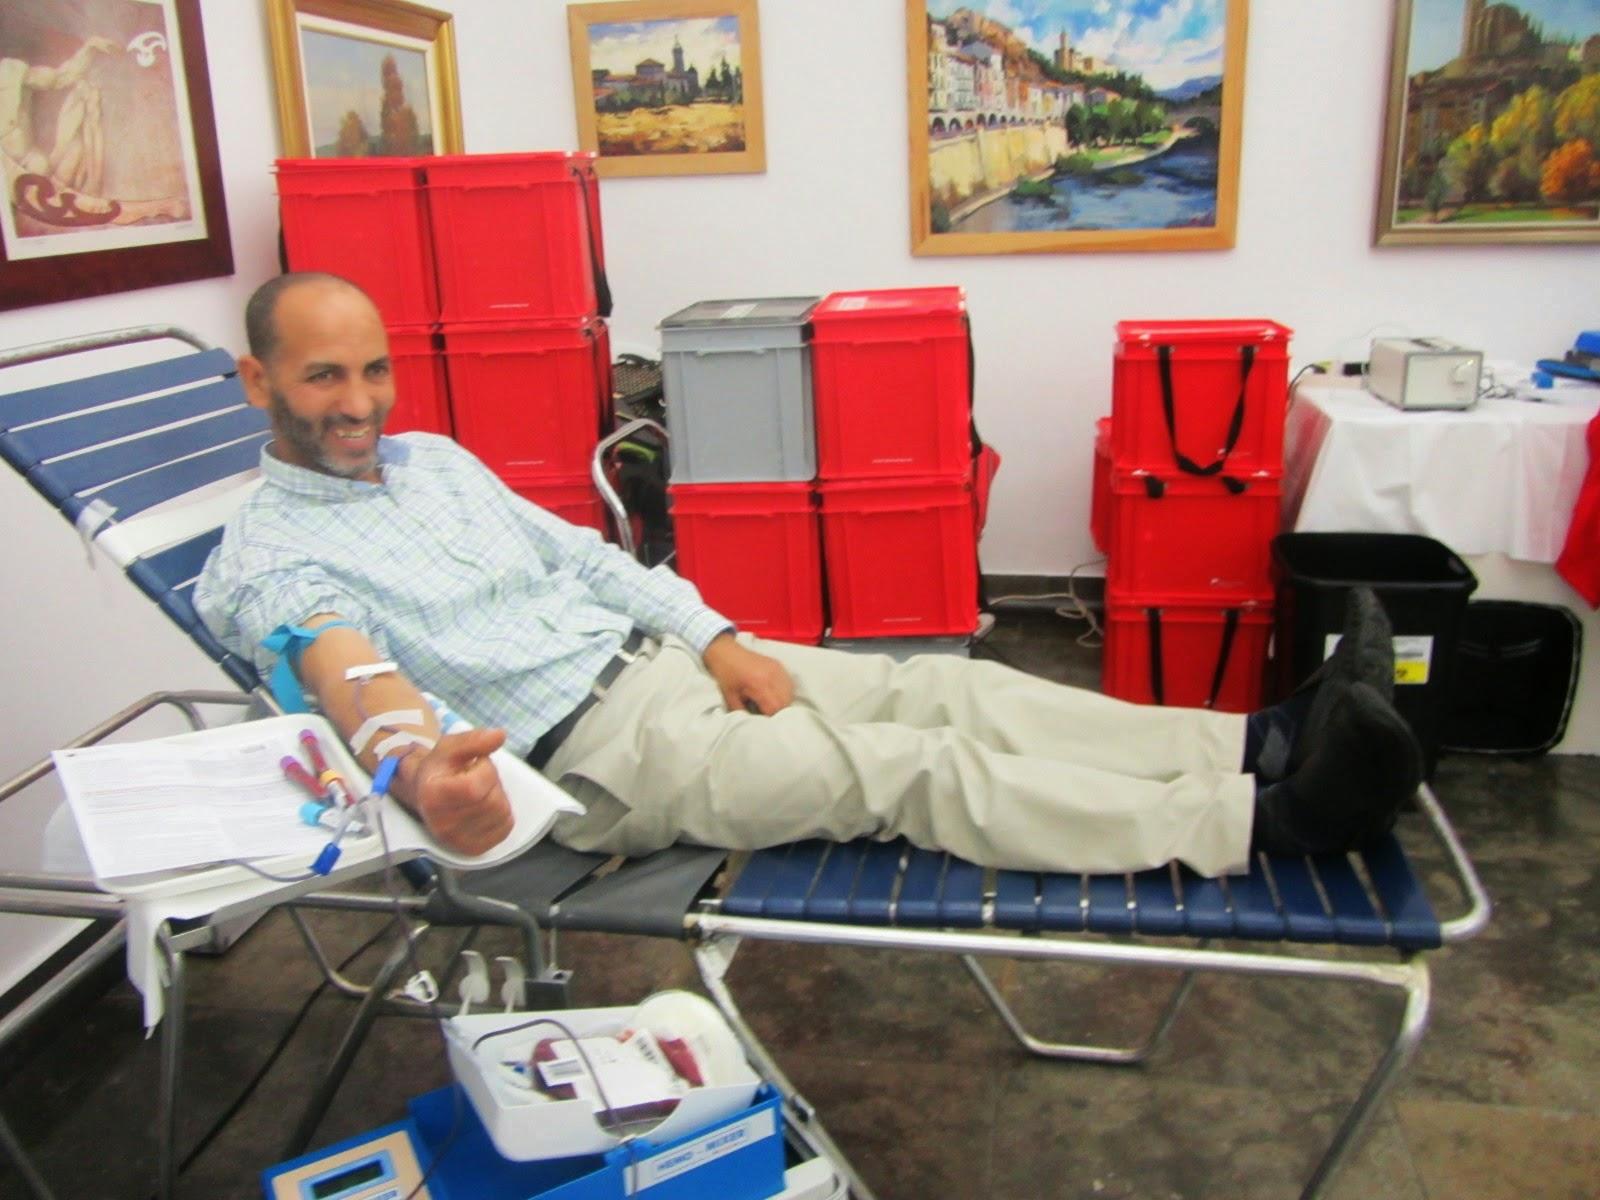 الجمعية الإسلامية في بالاقير ( إقليم كاطالونيا )تشارك في حملة تبرع الدم